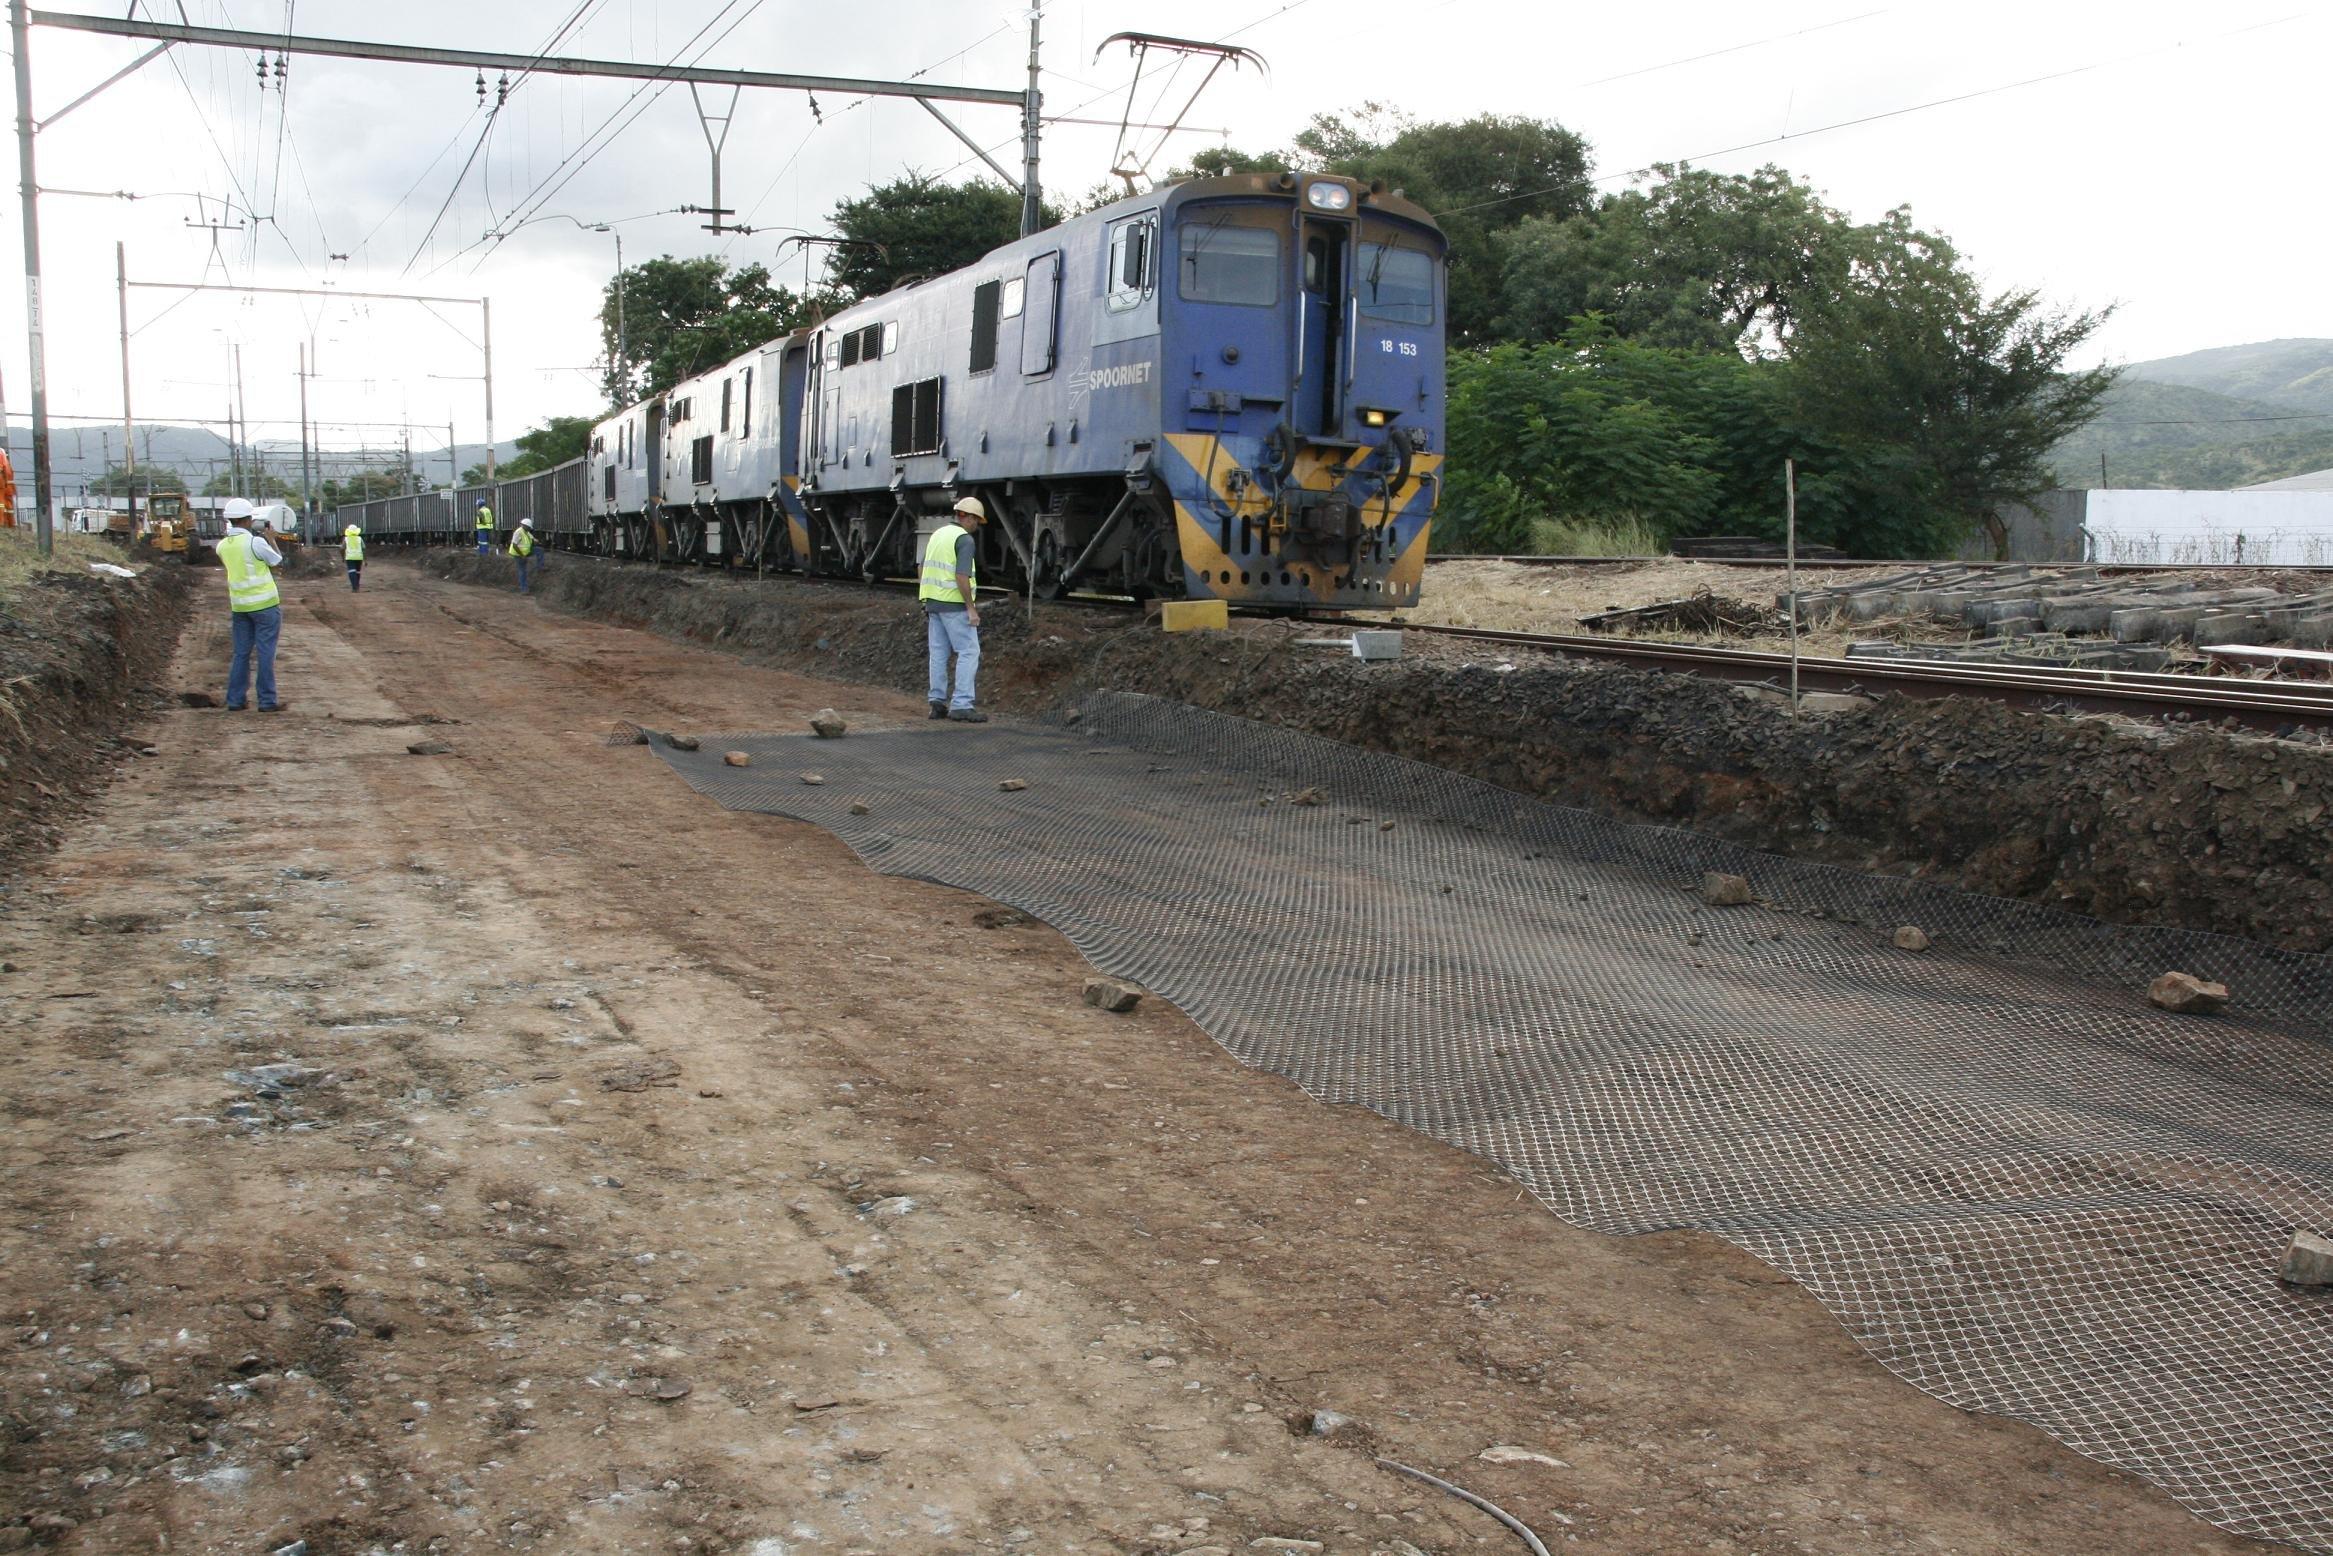 Tensar Rail Trackbed Solutions